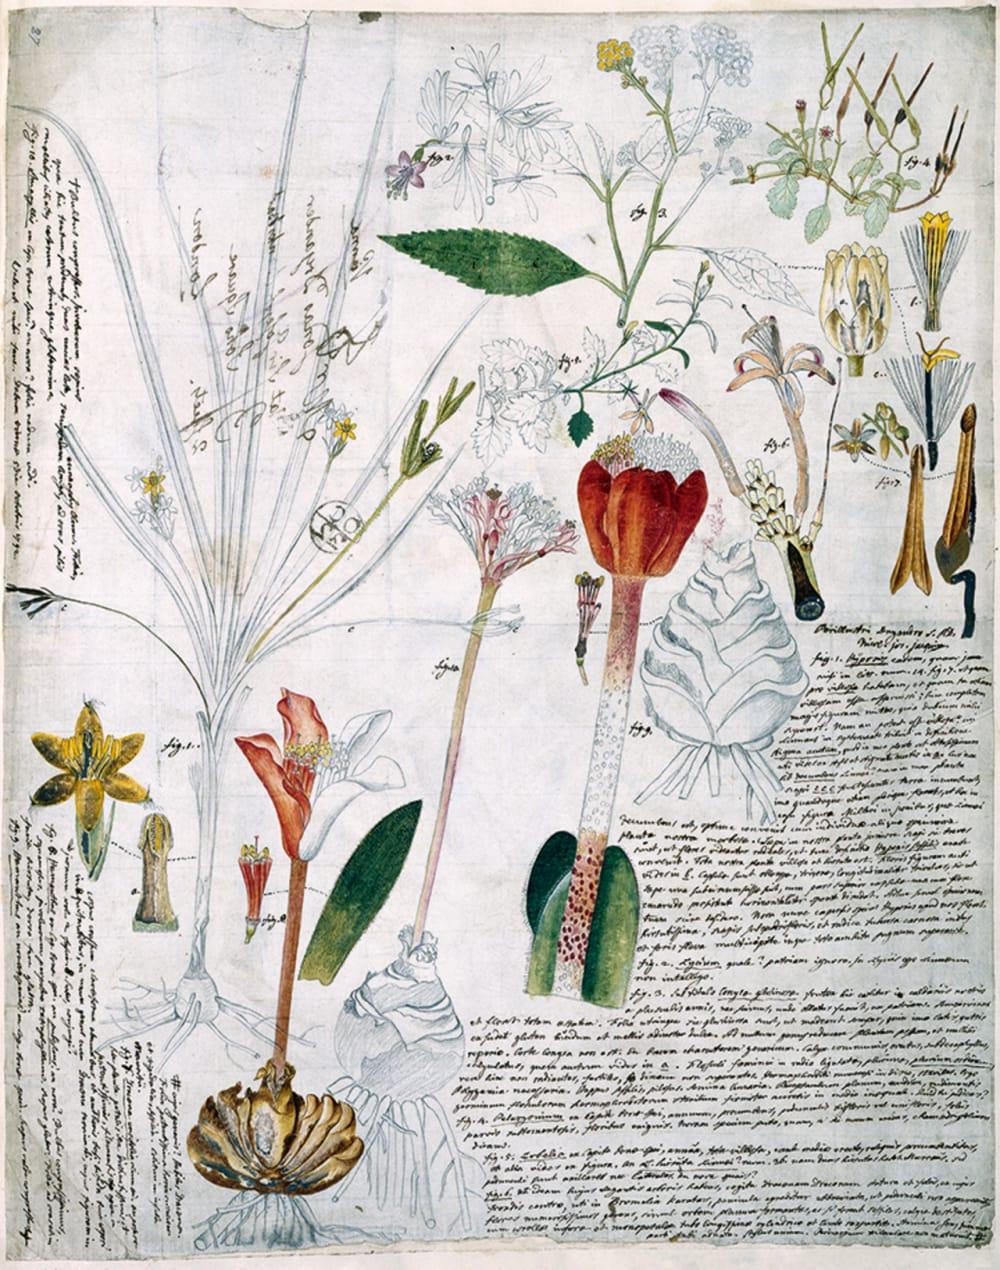 7. FLOWERING PLANTS